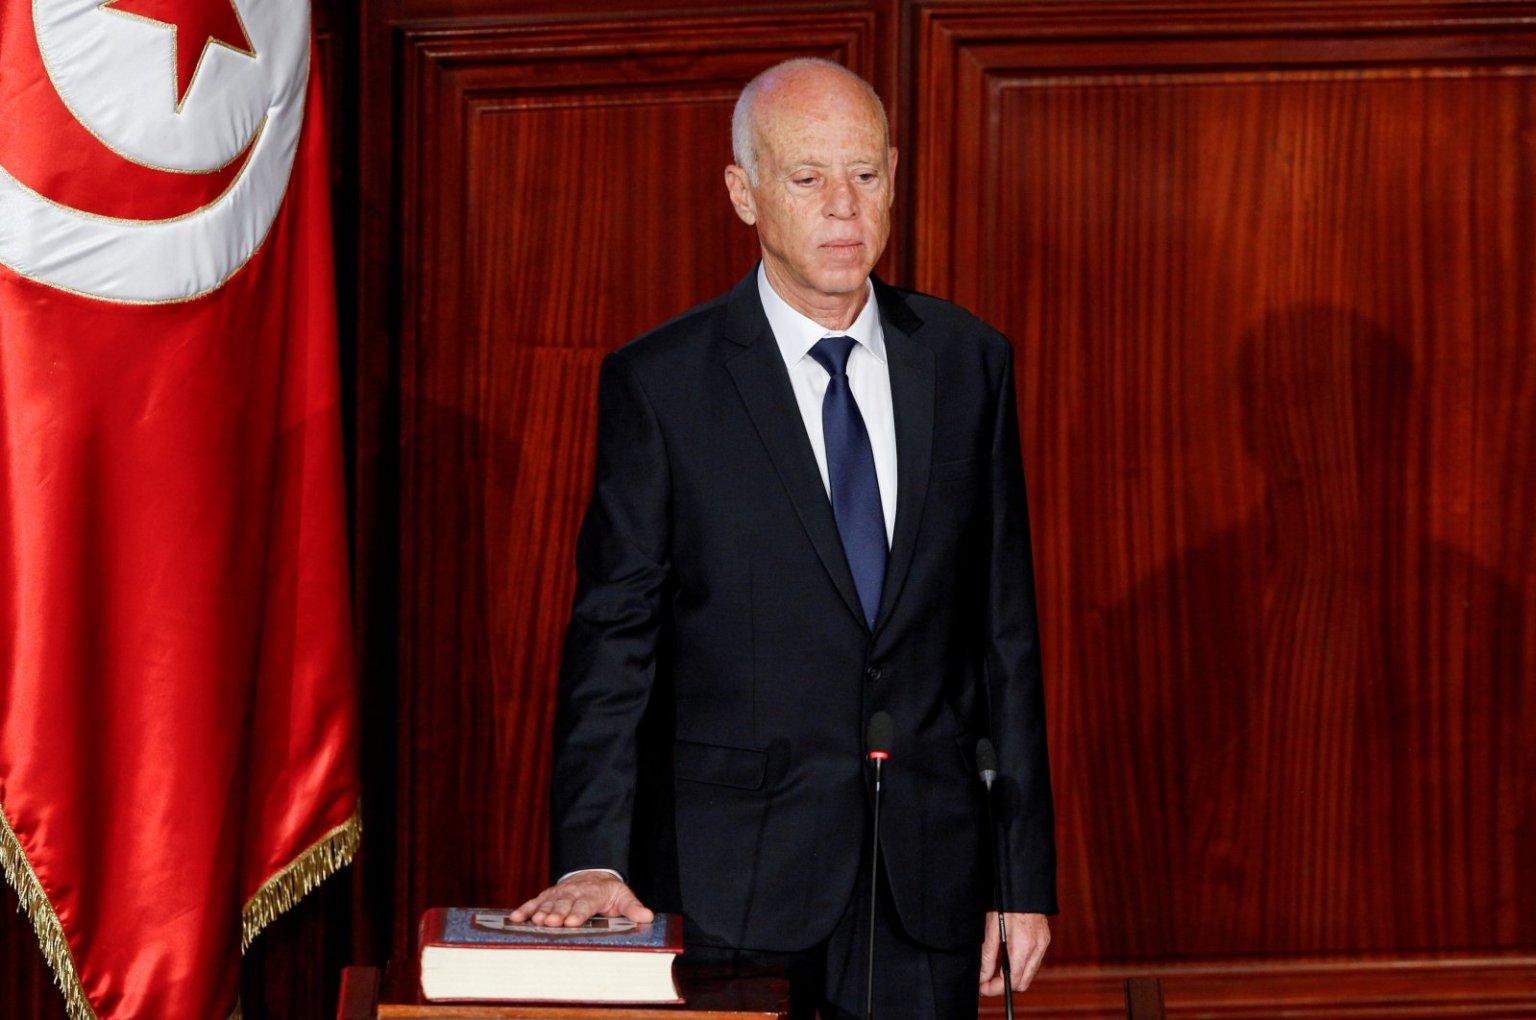 Tunisie : Les Américains rappellent Saïed à l'ordre